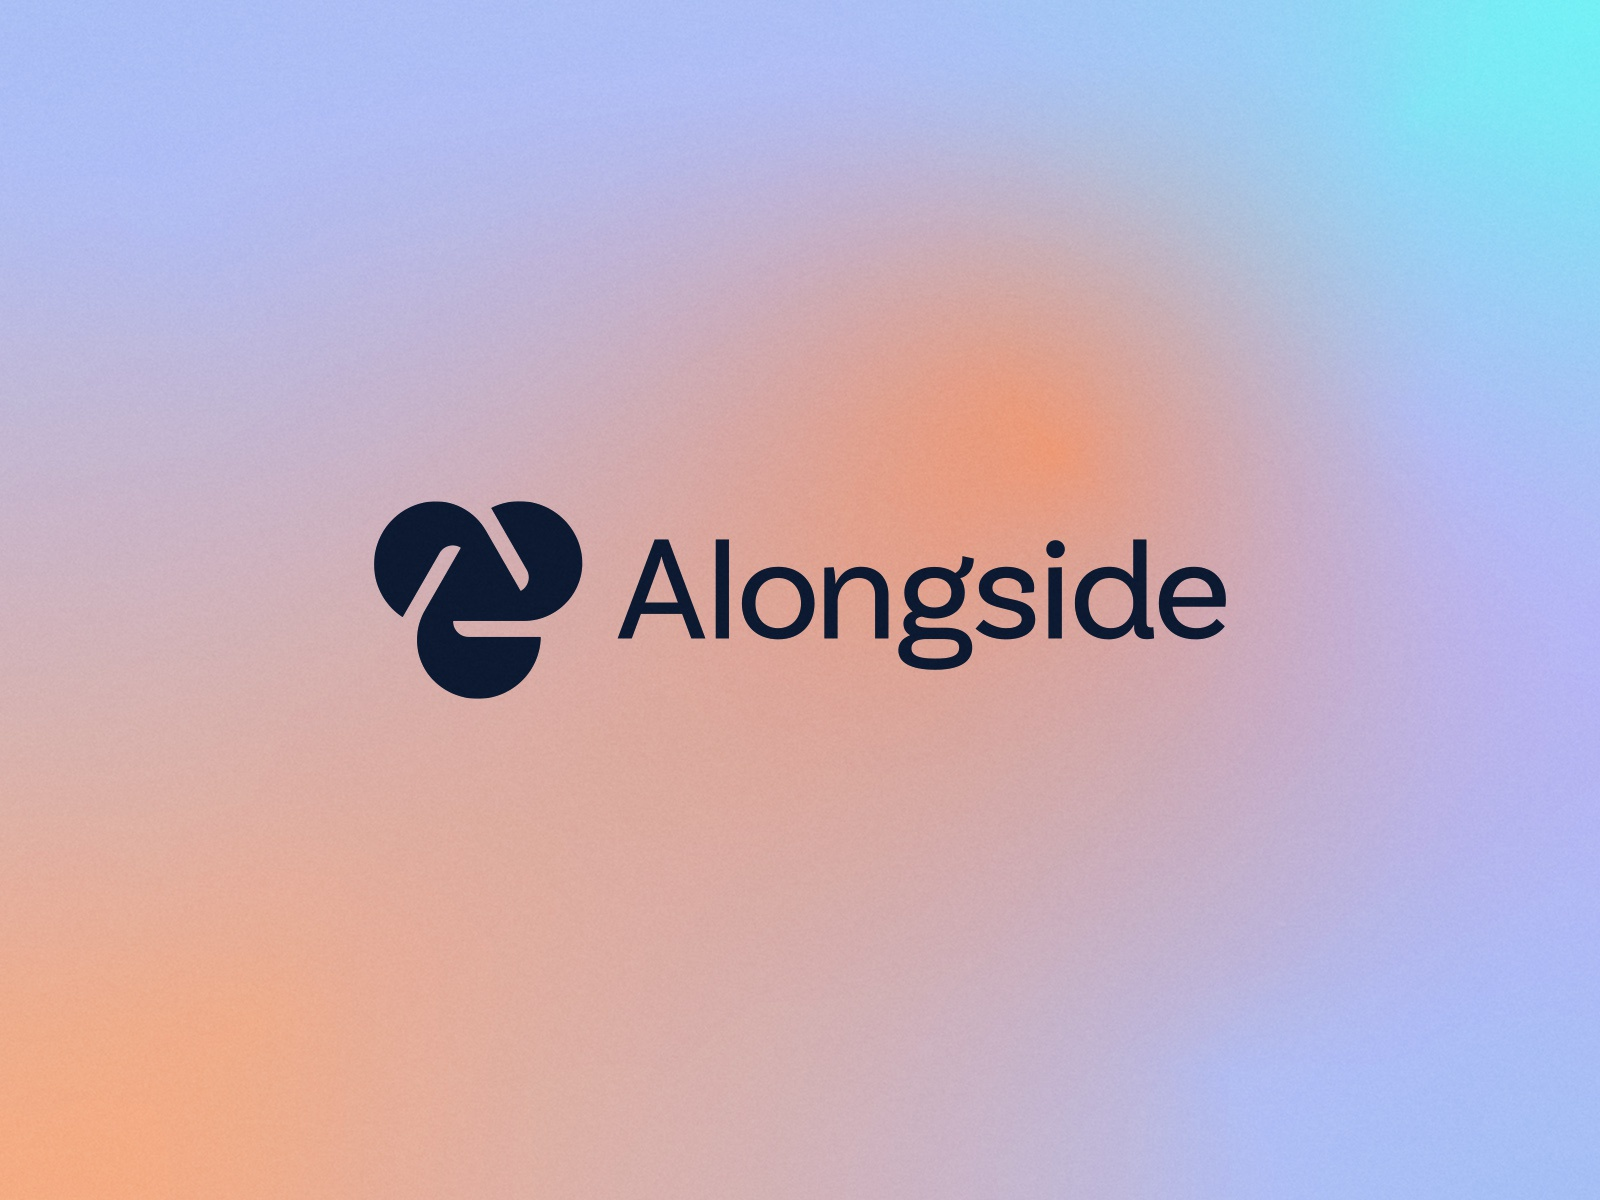 Alongside | Unused Concept